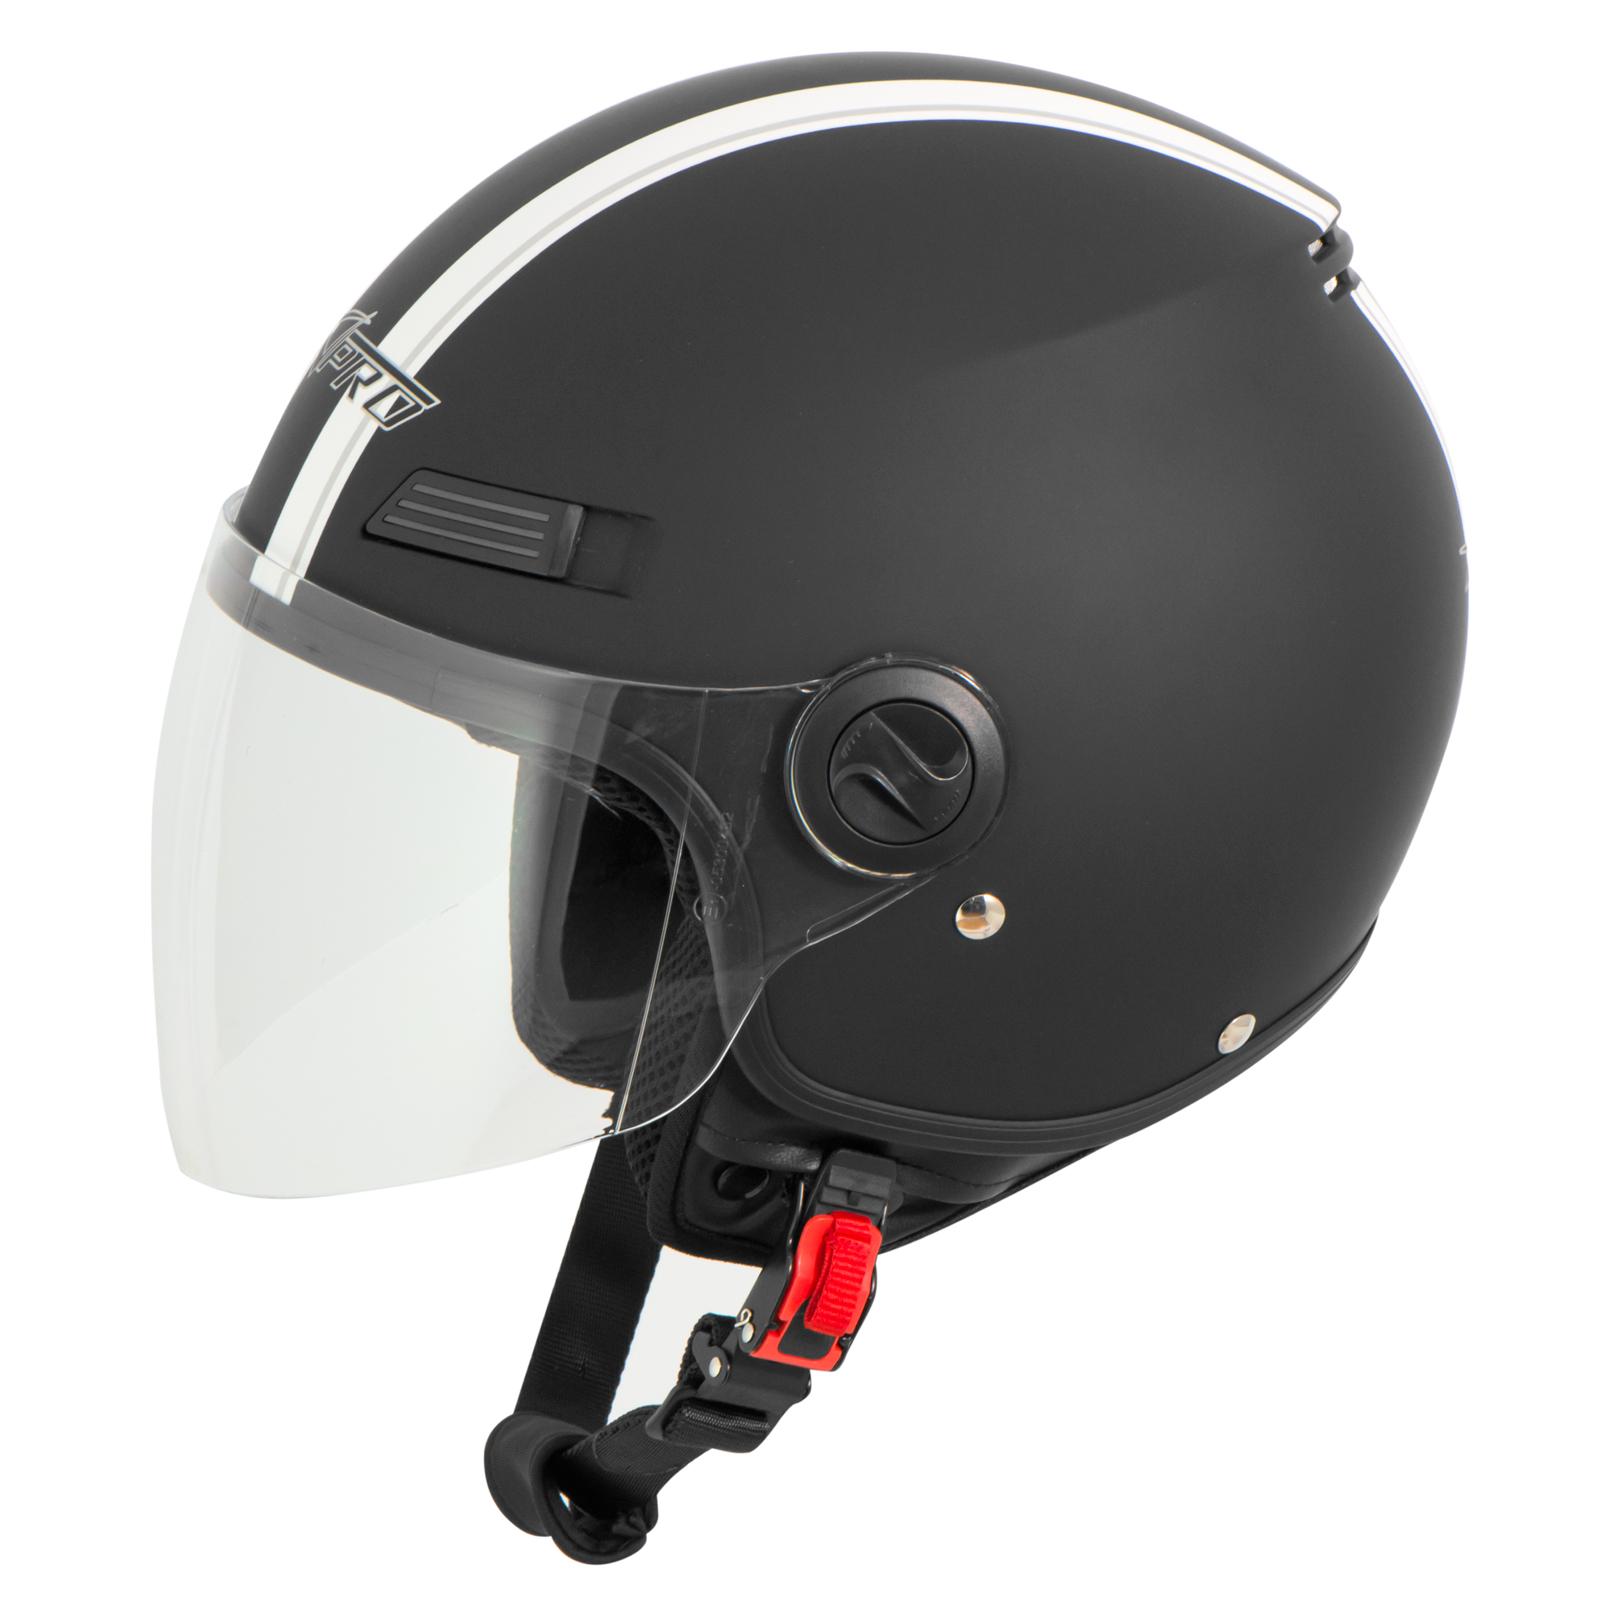 Casque-Avec-Moto-Scooter-Quad-Jet-Visiere-ECE-22-SonicMoto miniature 25